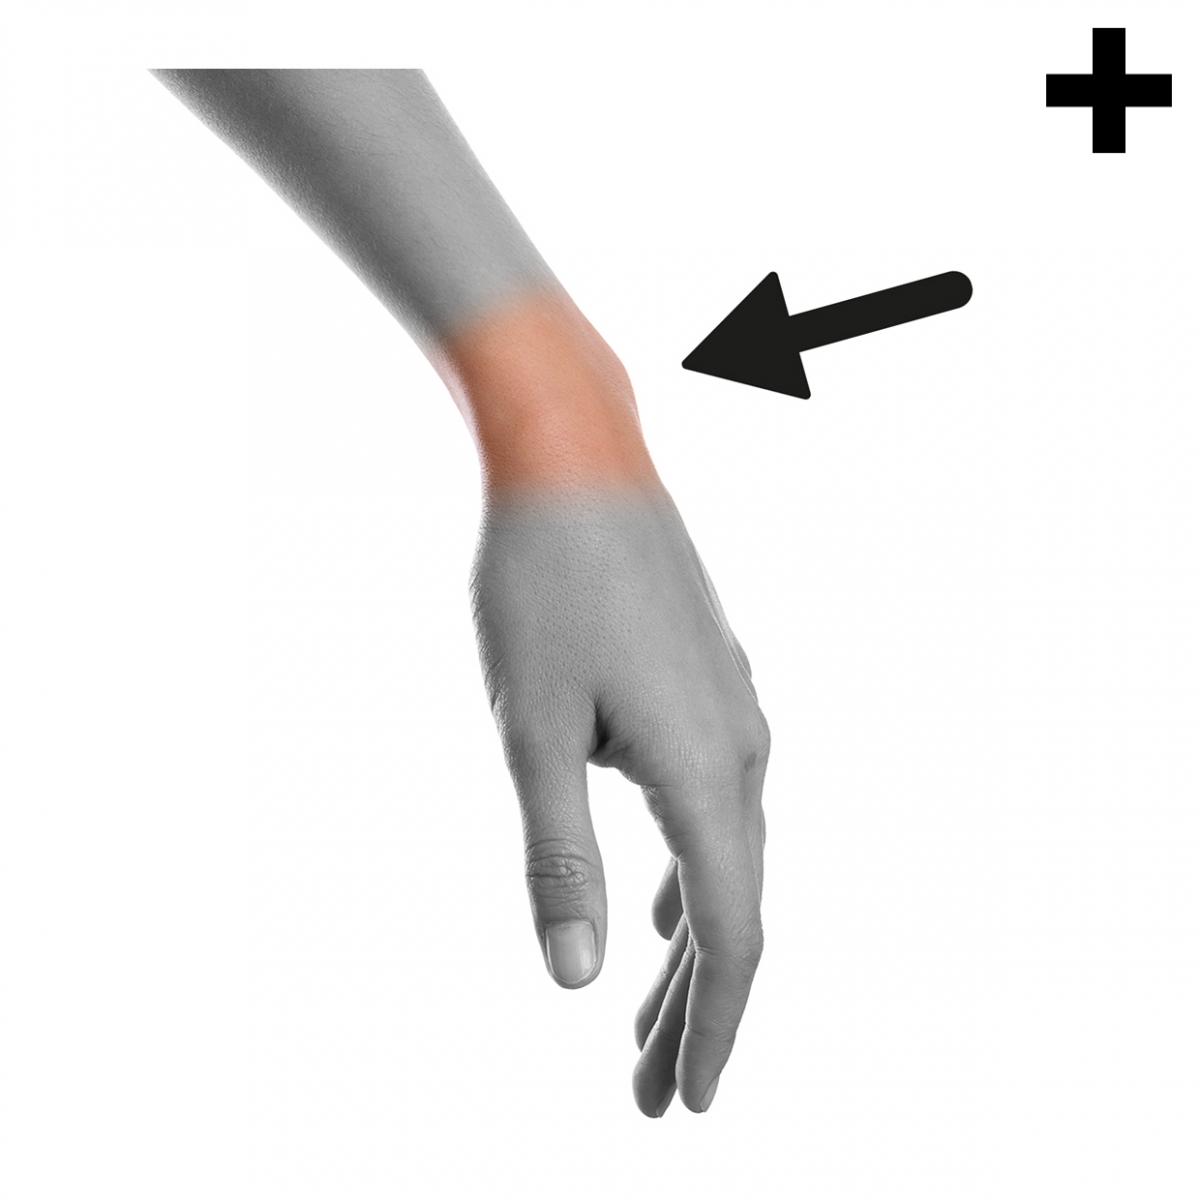 Imagen en la que se ve el plural del concepto muñeca, parte del cuerpo humano